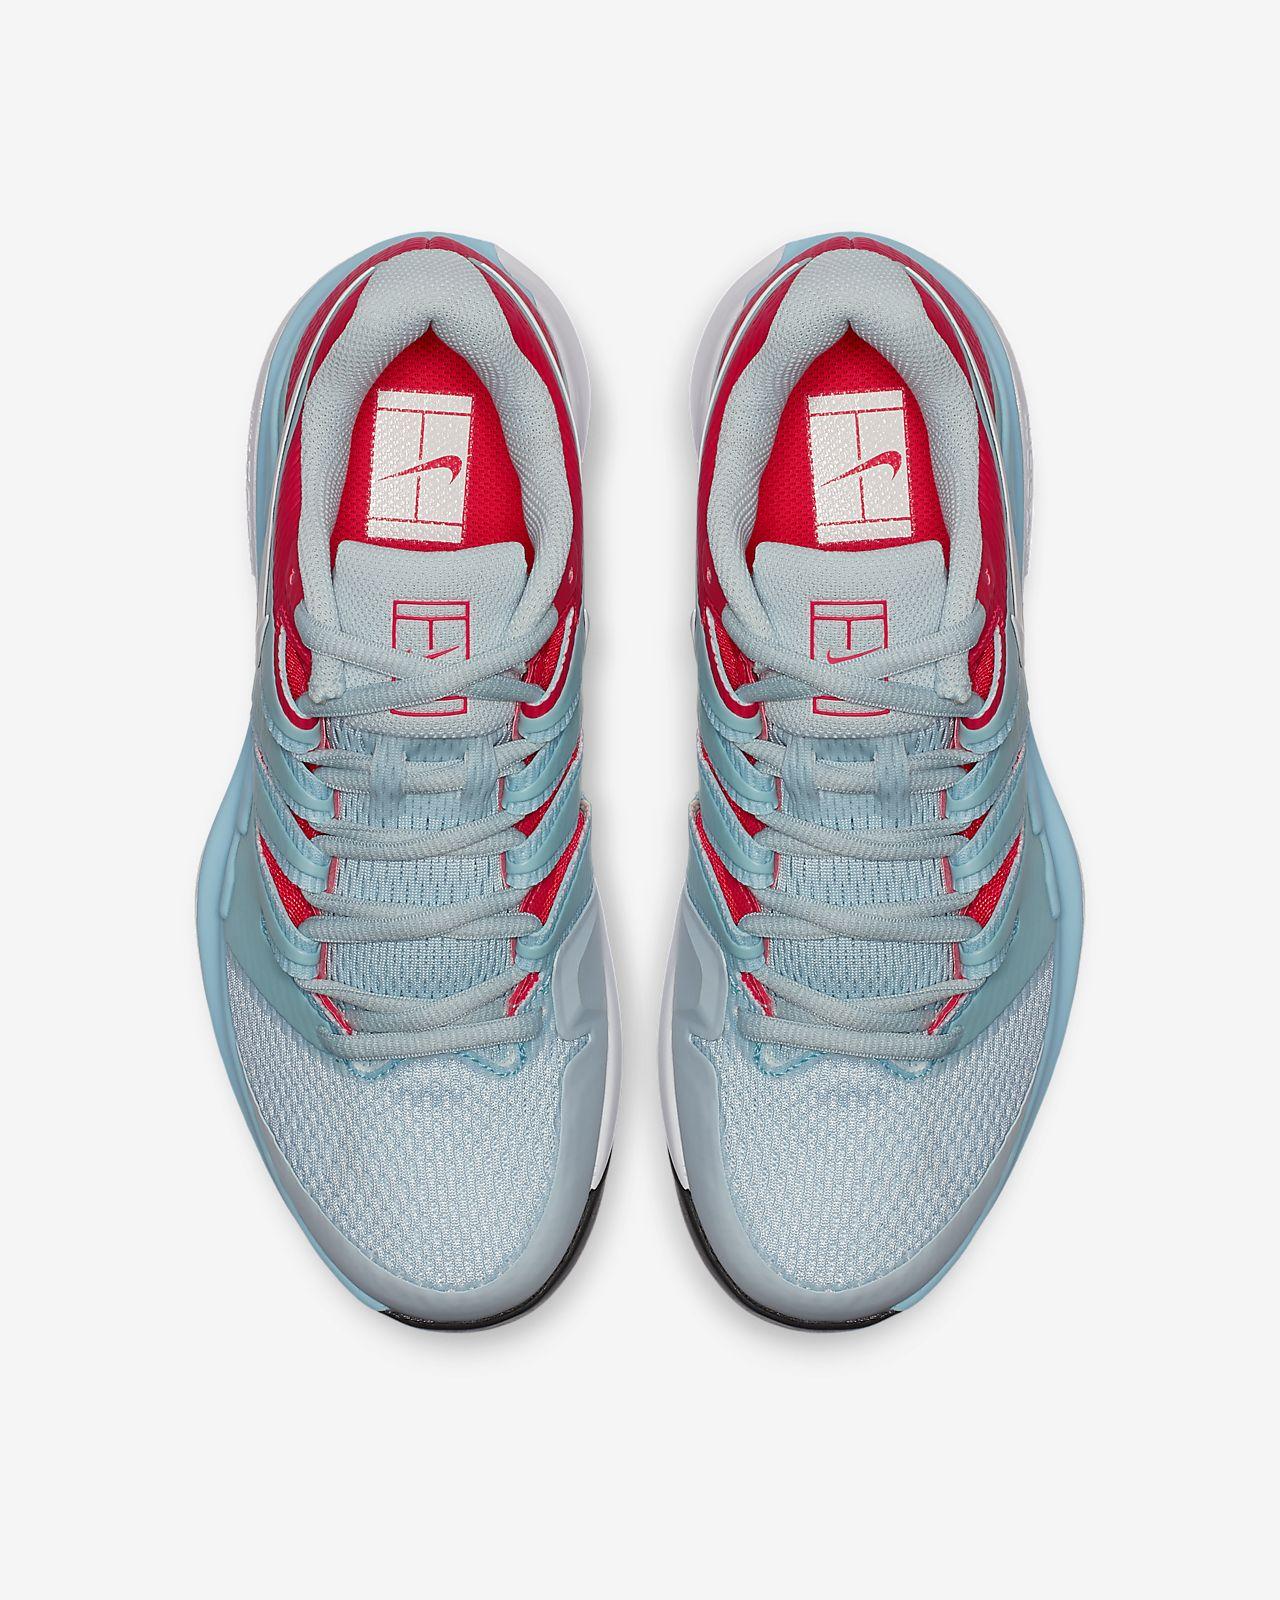 best service d5dd6 cfbfc ... Chaussure de tennis pour surface dure NikeCourt Air Zoom Vapor X pour  Femme